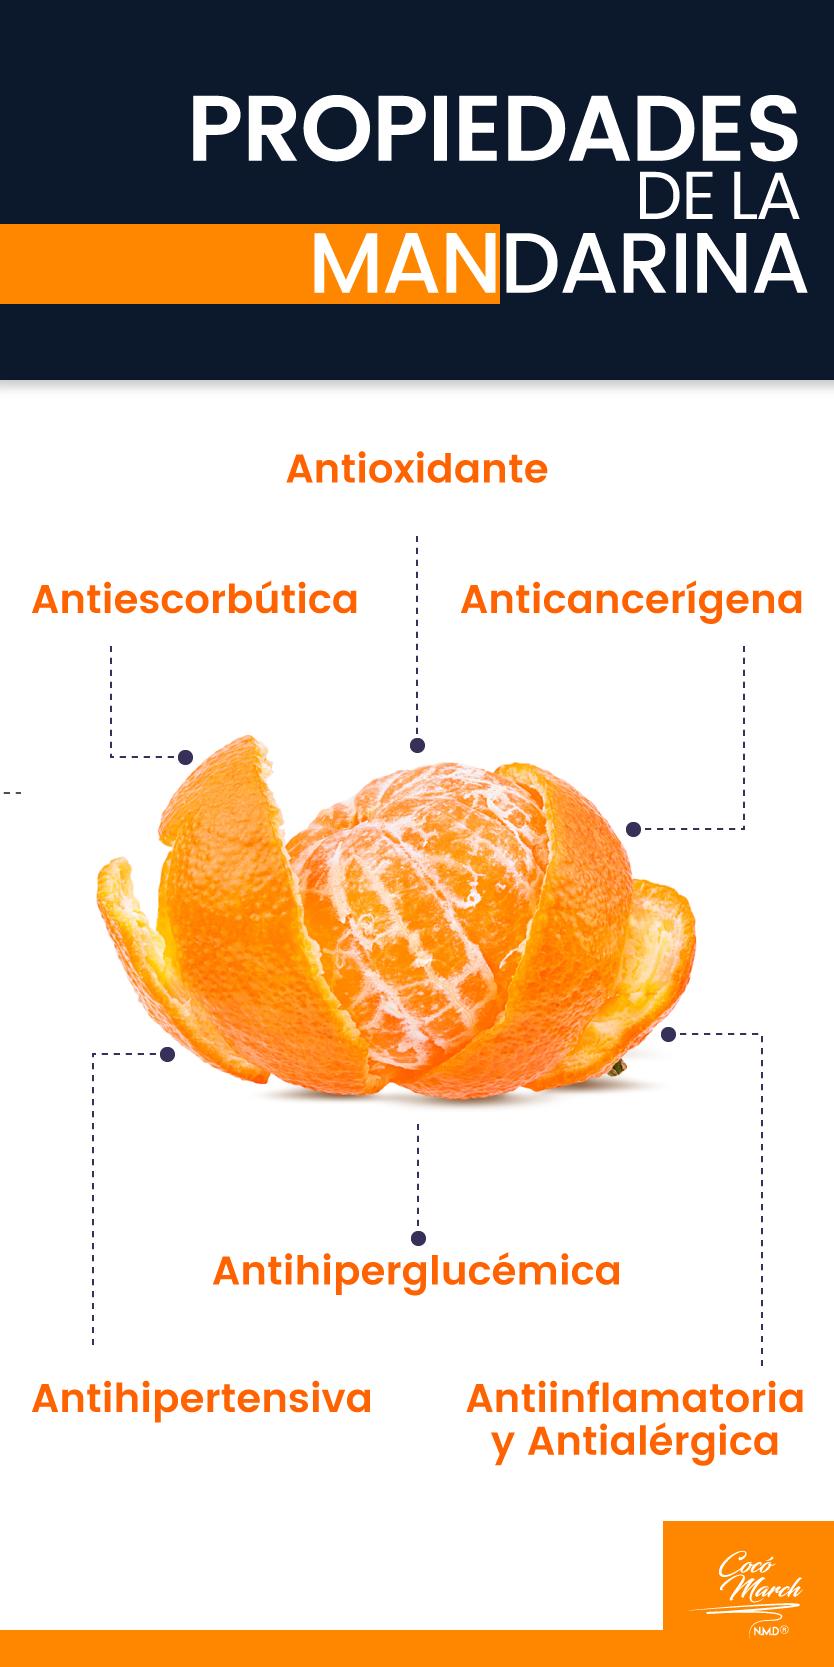 propiedades-de-las-mandarinas